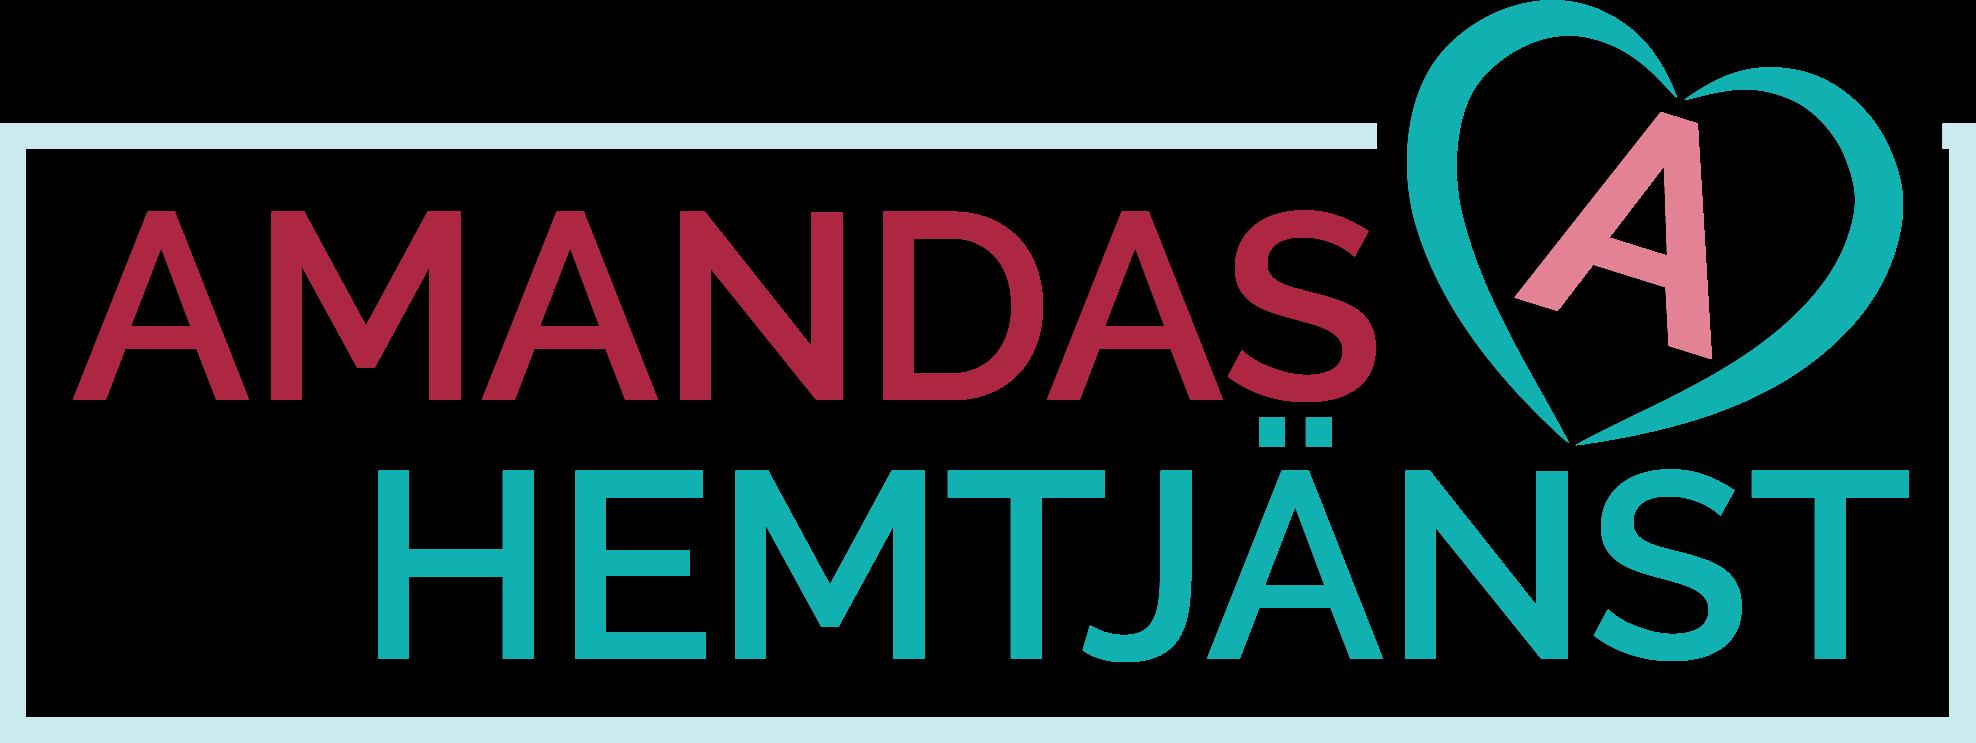 Amandas Hemtjänst